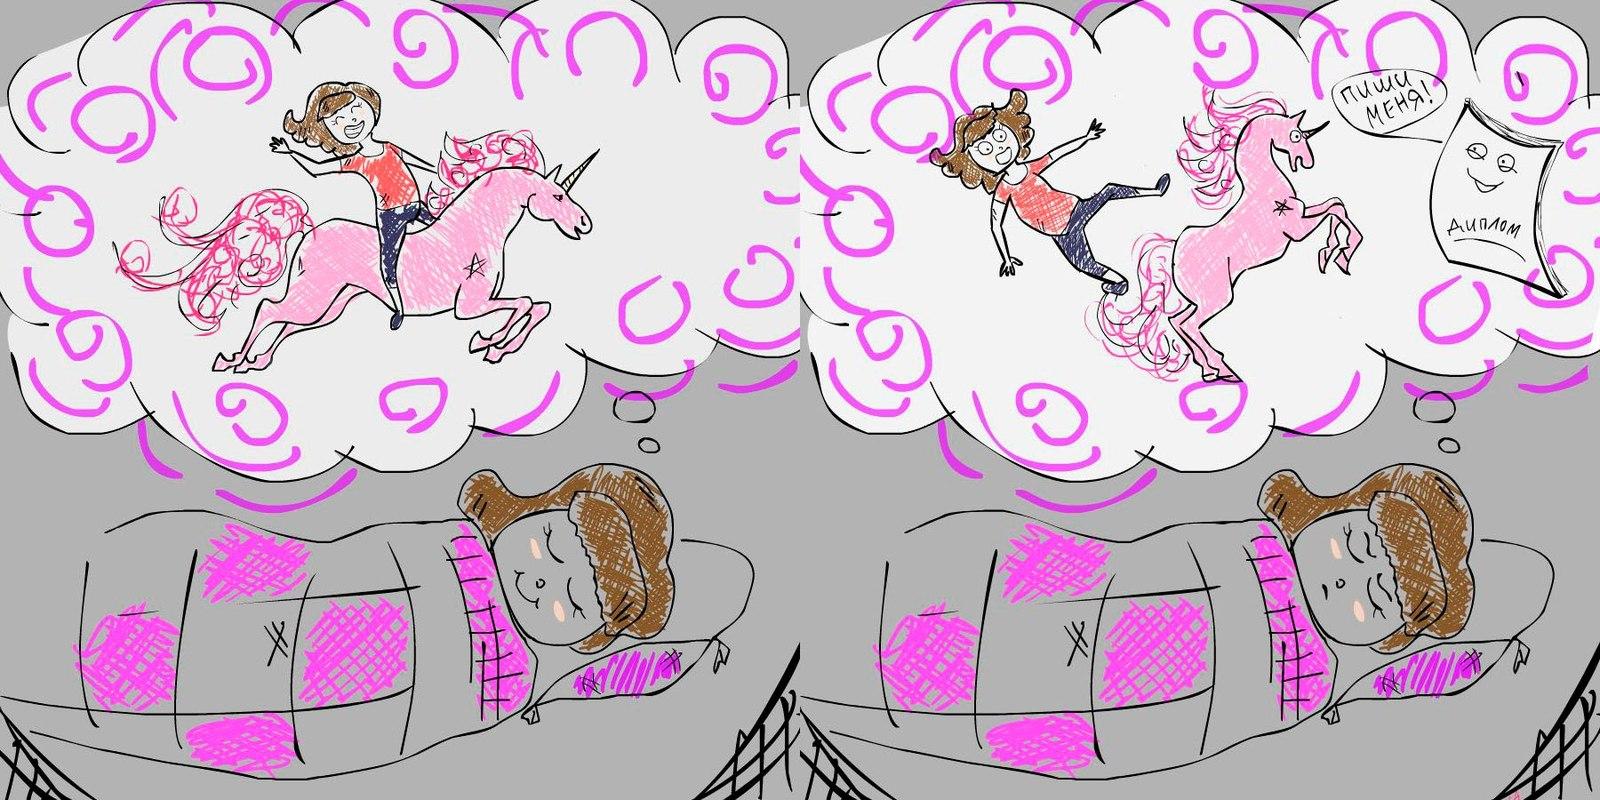 Я и Диплом Я и Диплом моё Комиксы студенты Учеба диплом кошмар рисунок